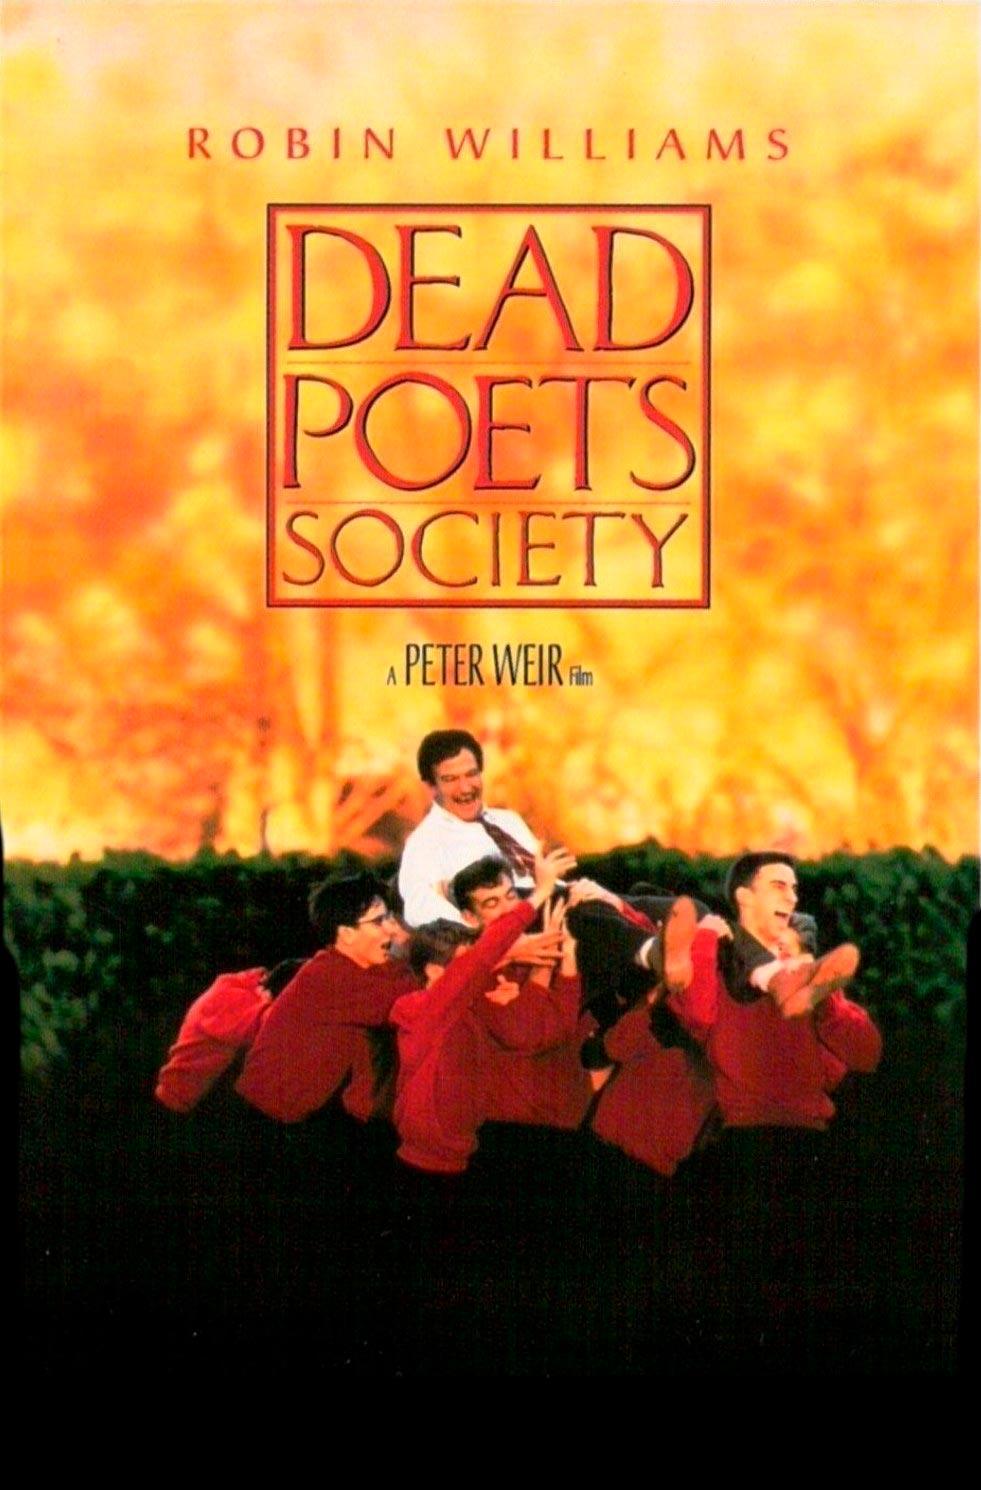 el club de los poetas muertos dead poets society poster